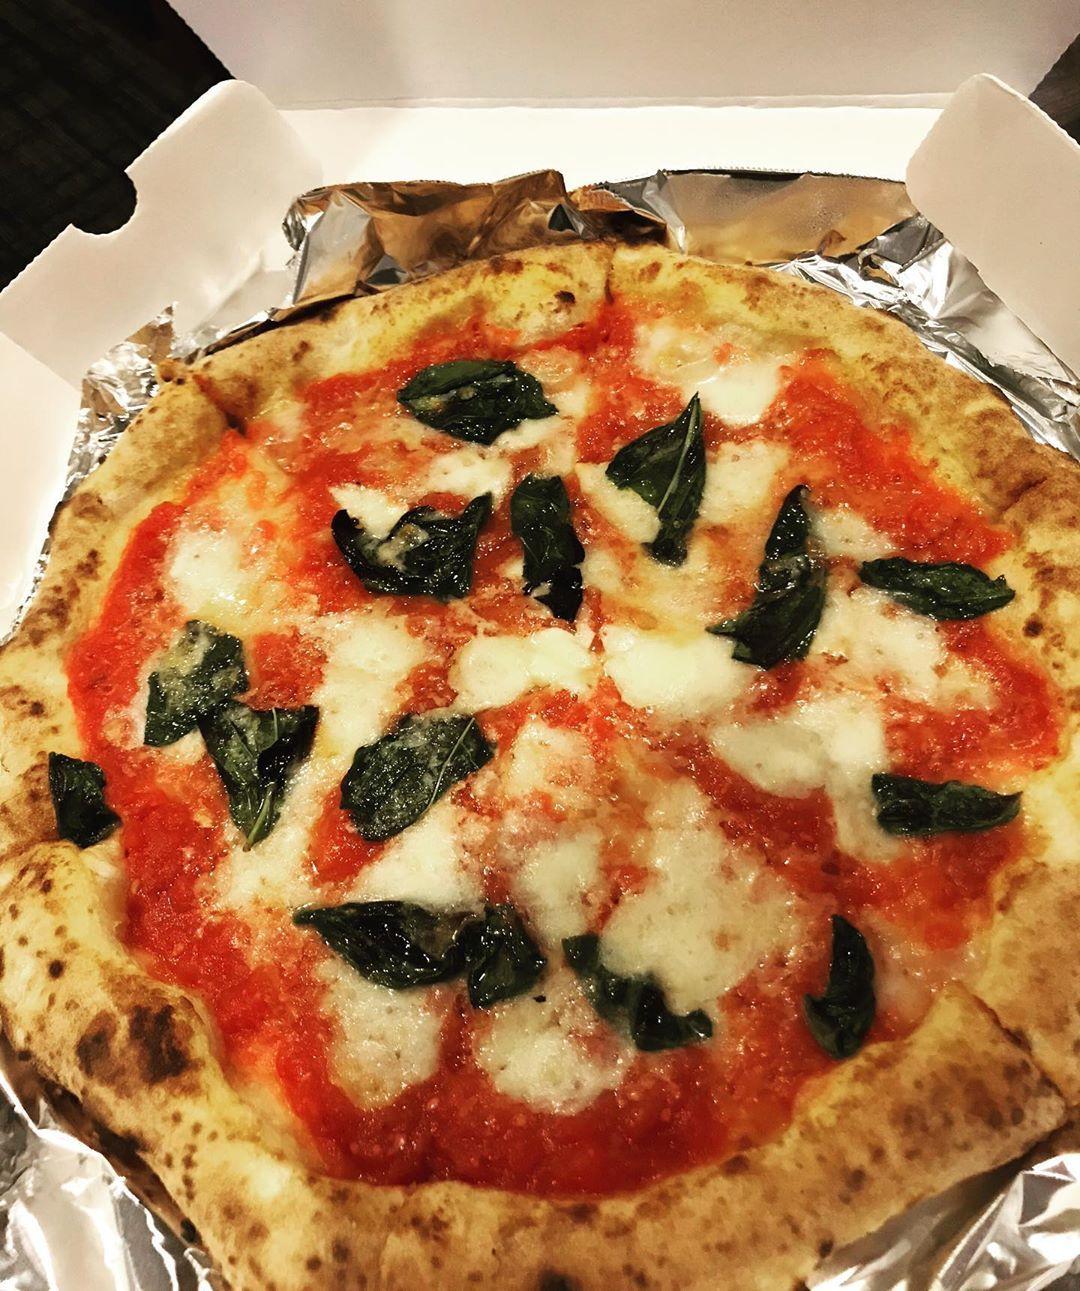 近く の ピザ 屋 お持ち帰り半額™ |ドミノピザ - Domino's